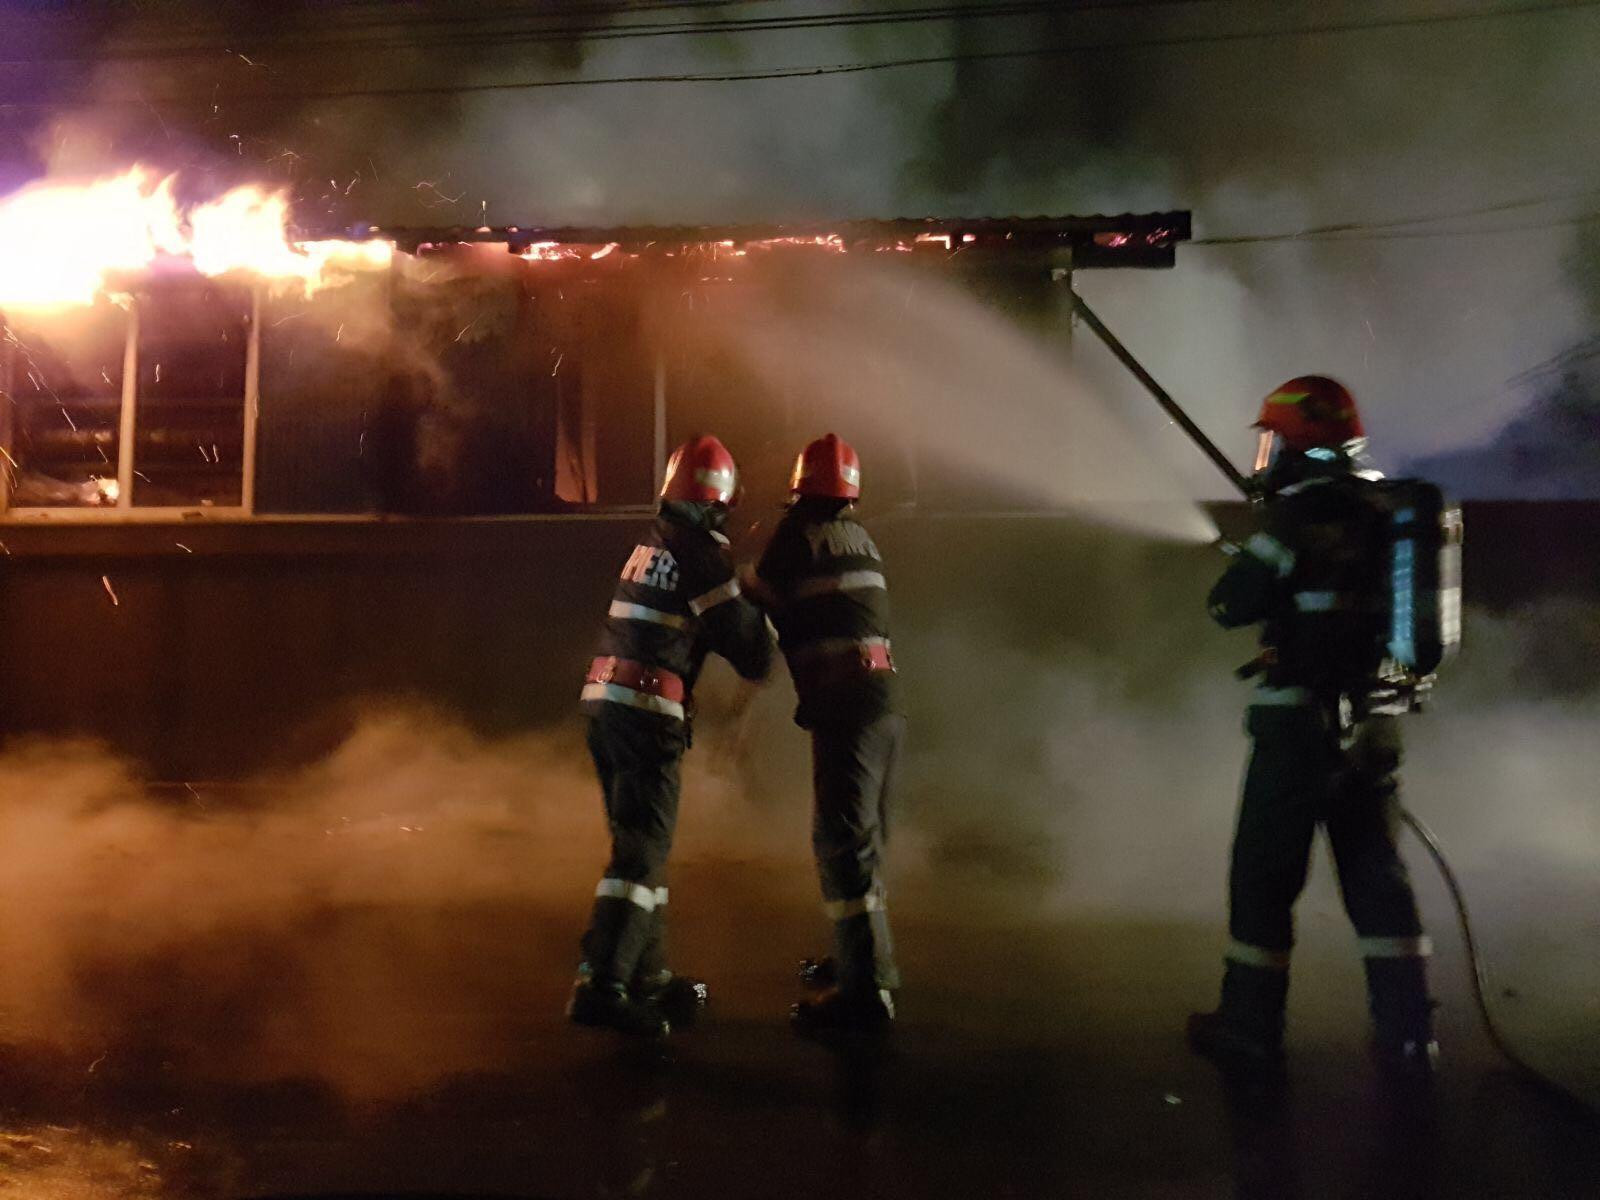 Incendiu puternic la un service auto, unde mai multe vehicule sunt în interior/ O butelie a explodat - FOTO, VIDEO